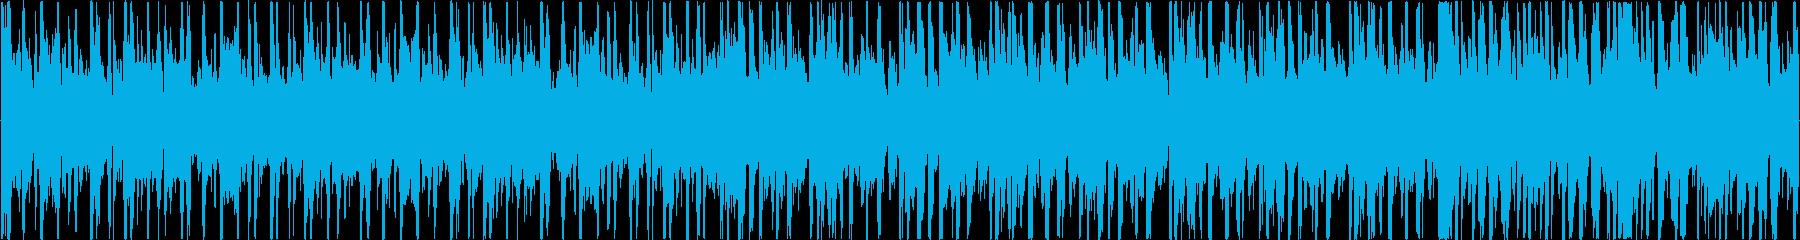 ノリノリのファンク (ループ可)の再生済みの波形